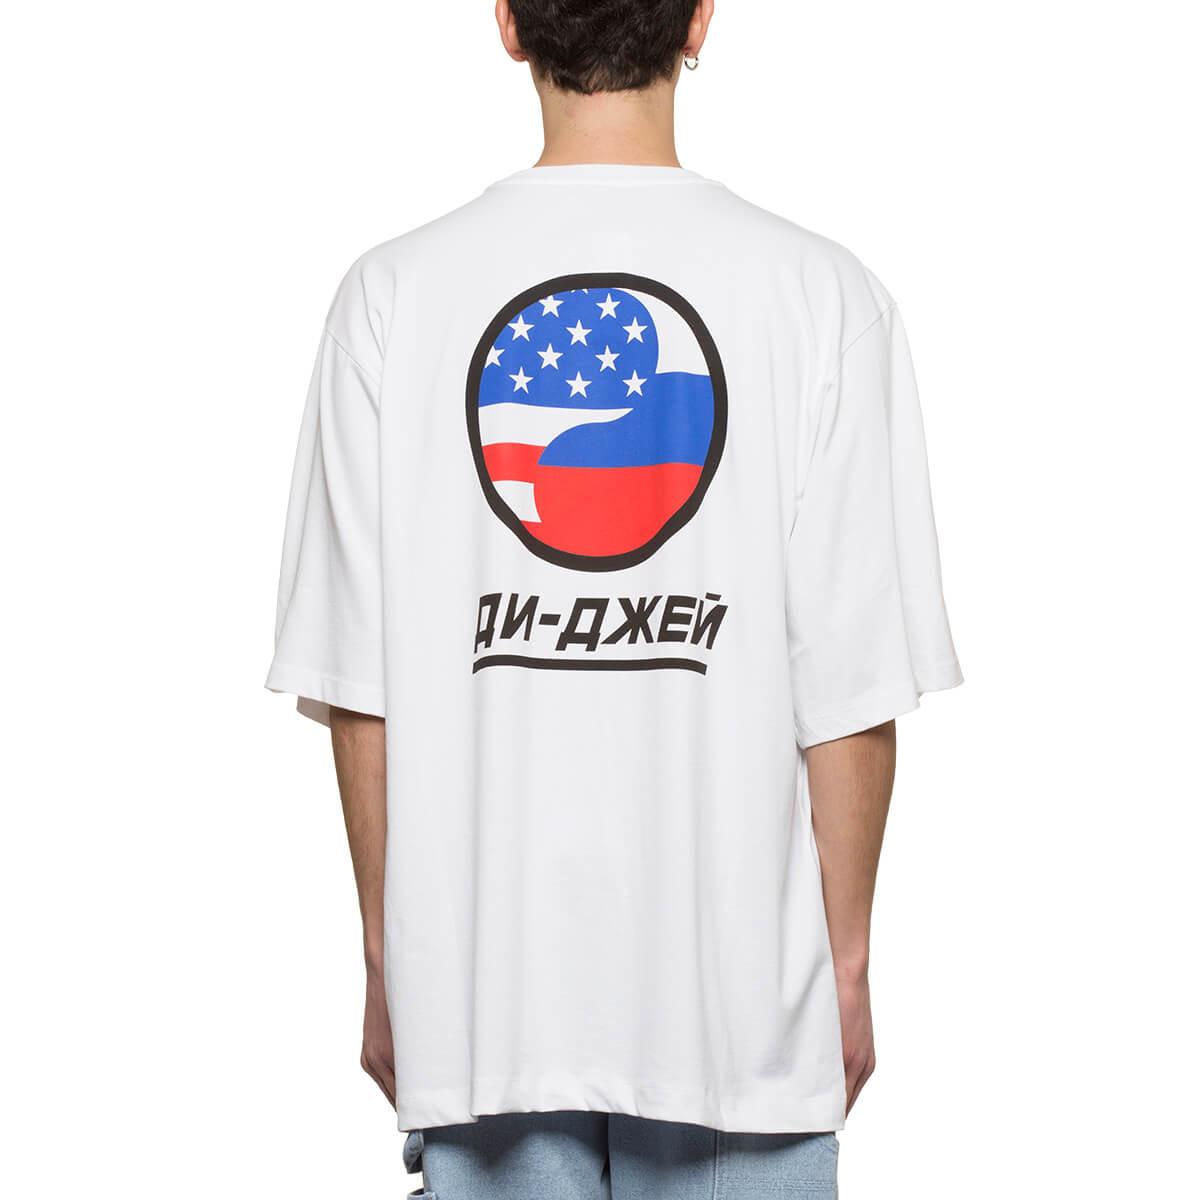 dc72a4b95 Gosha Rubchinskiy Gosha Rubchinskiy Dj Oversized Shirt | Grailed